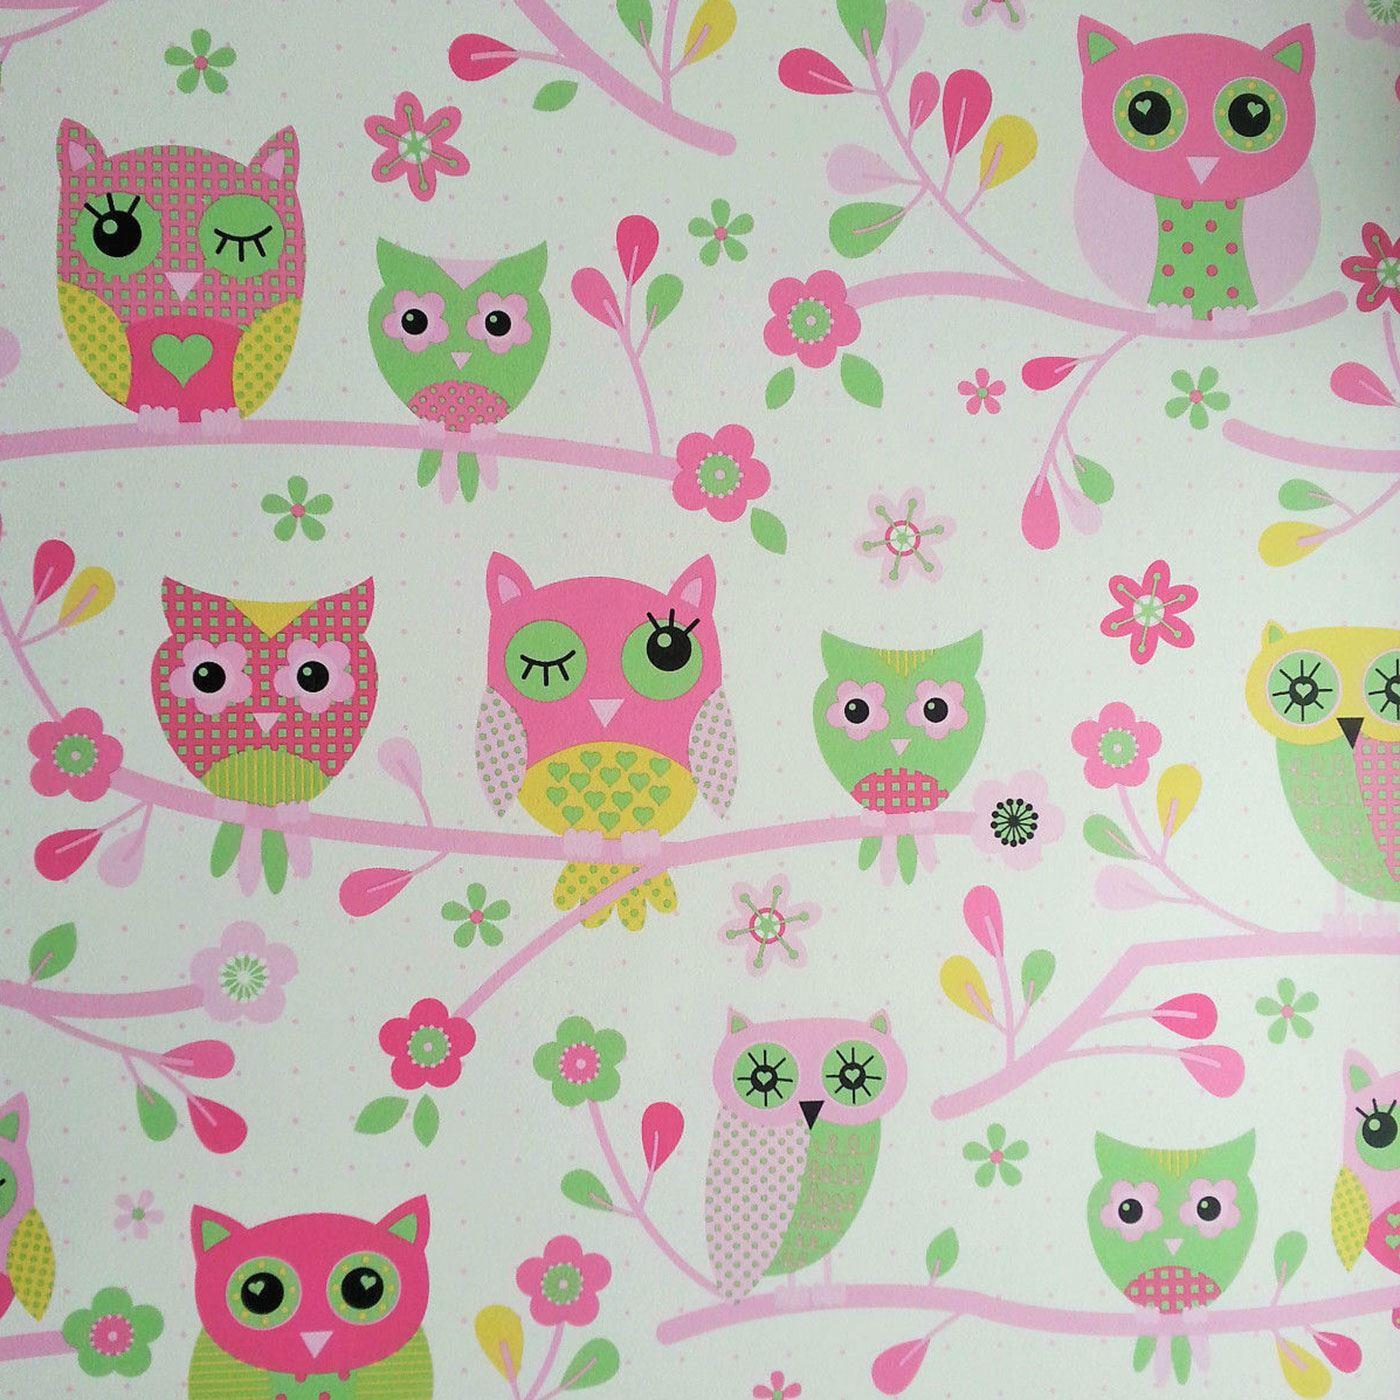 Hiboux papier peint au choix 6 motifs neuf d coration - Choix papier peint ...